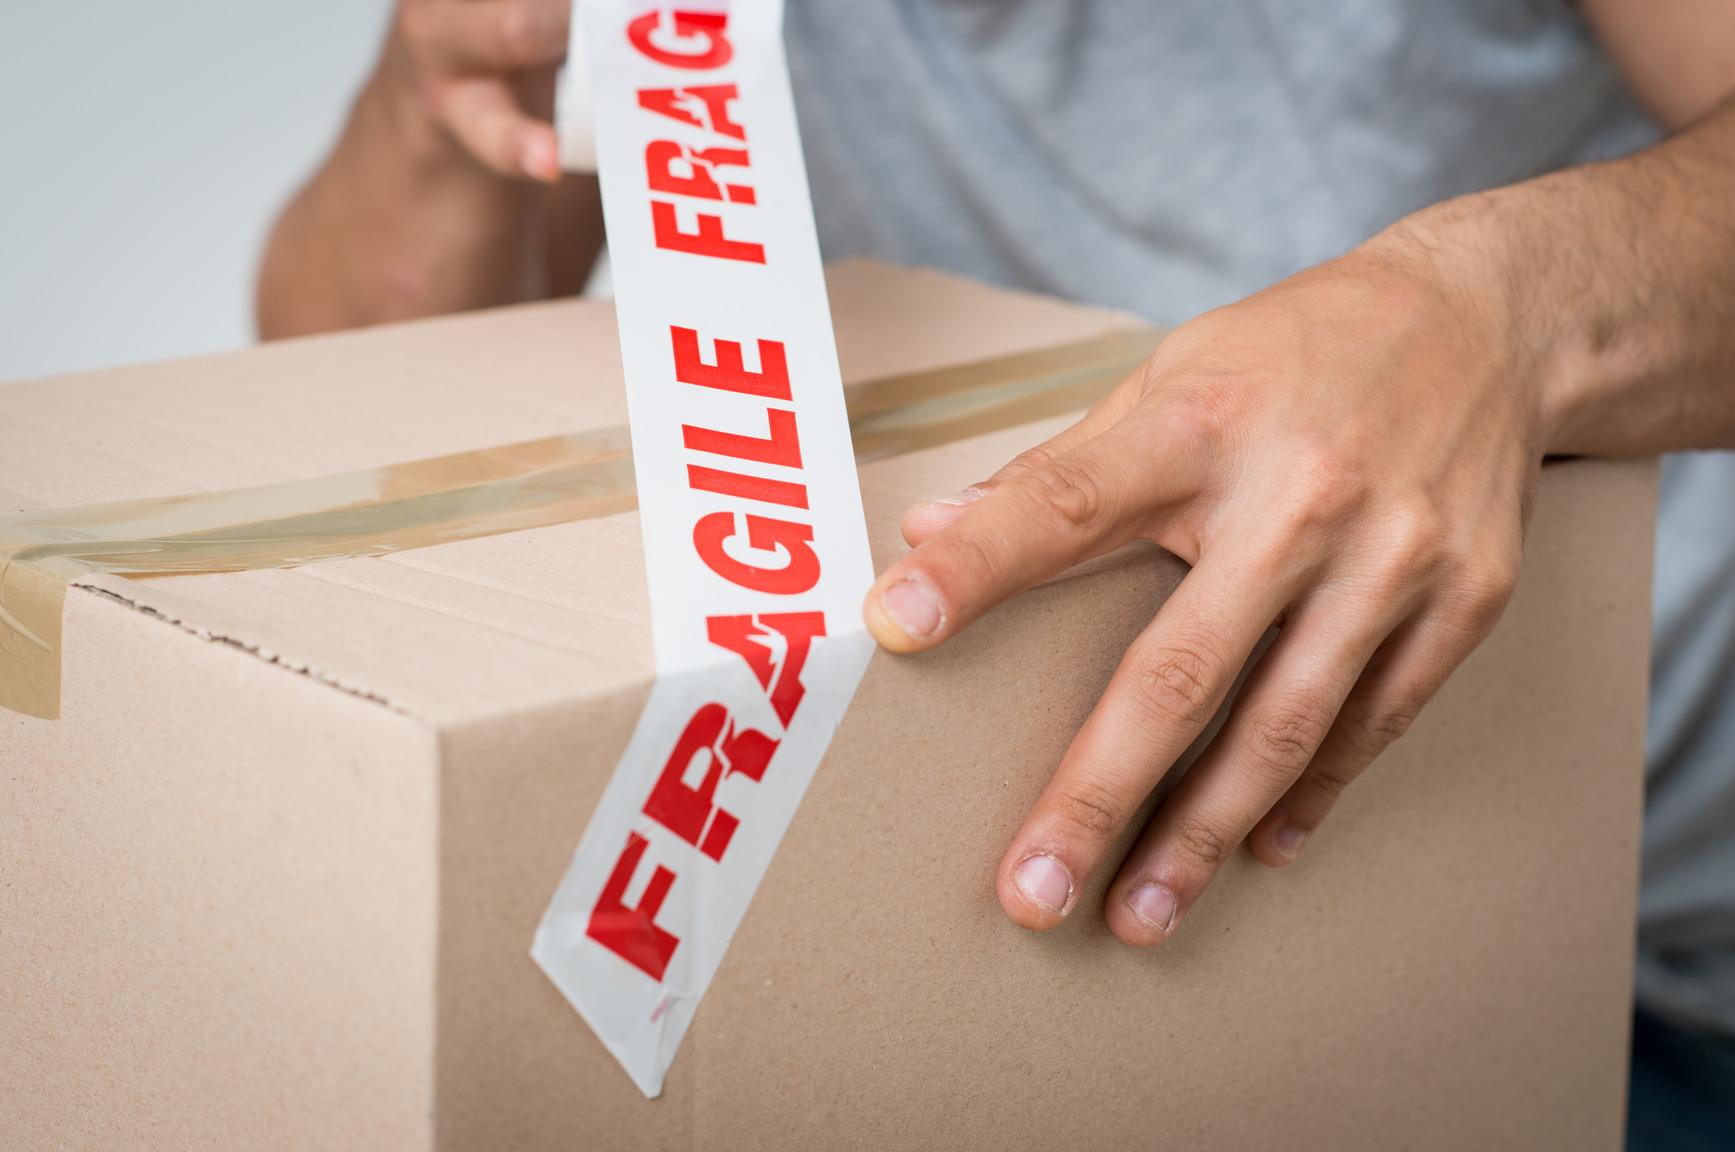 Man Sealing Fragile Item in Moving Box